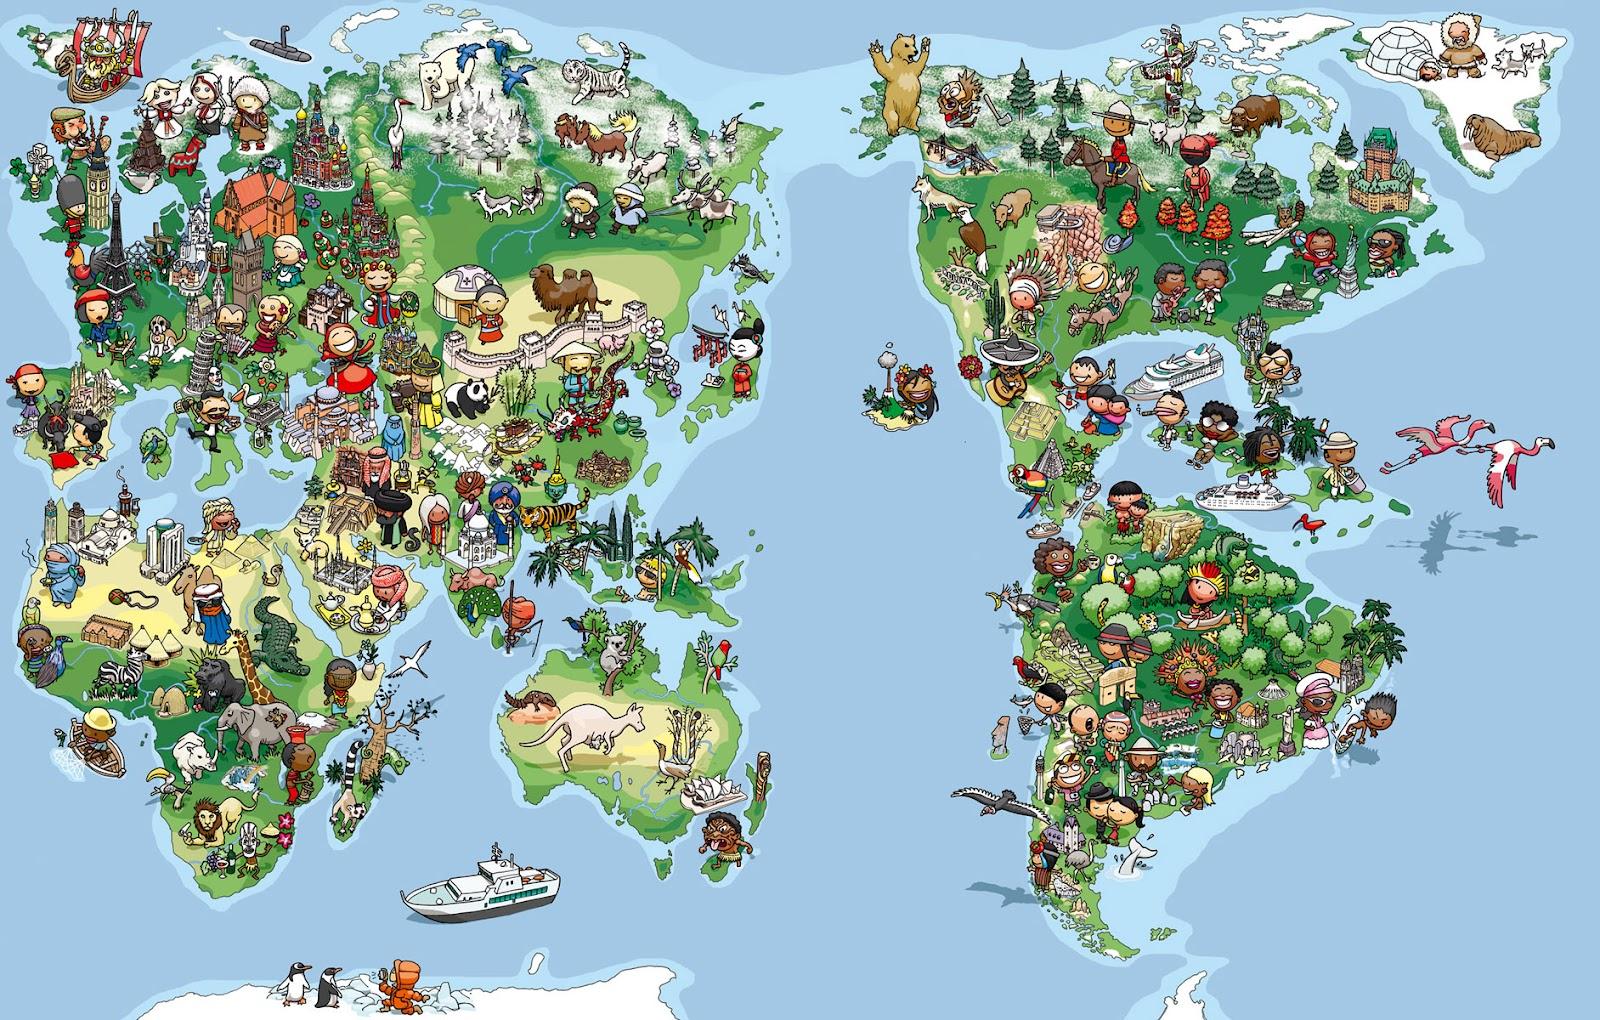 un mapamundi para la agencia de viajes sb color de los edificios por ...